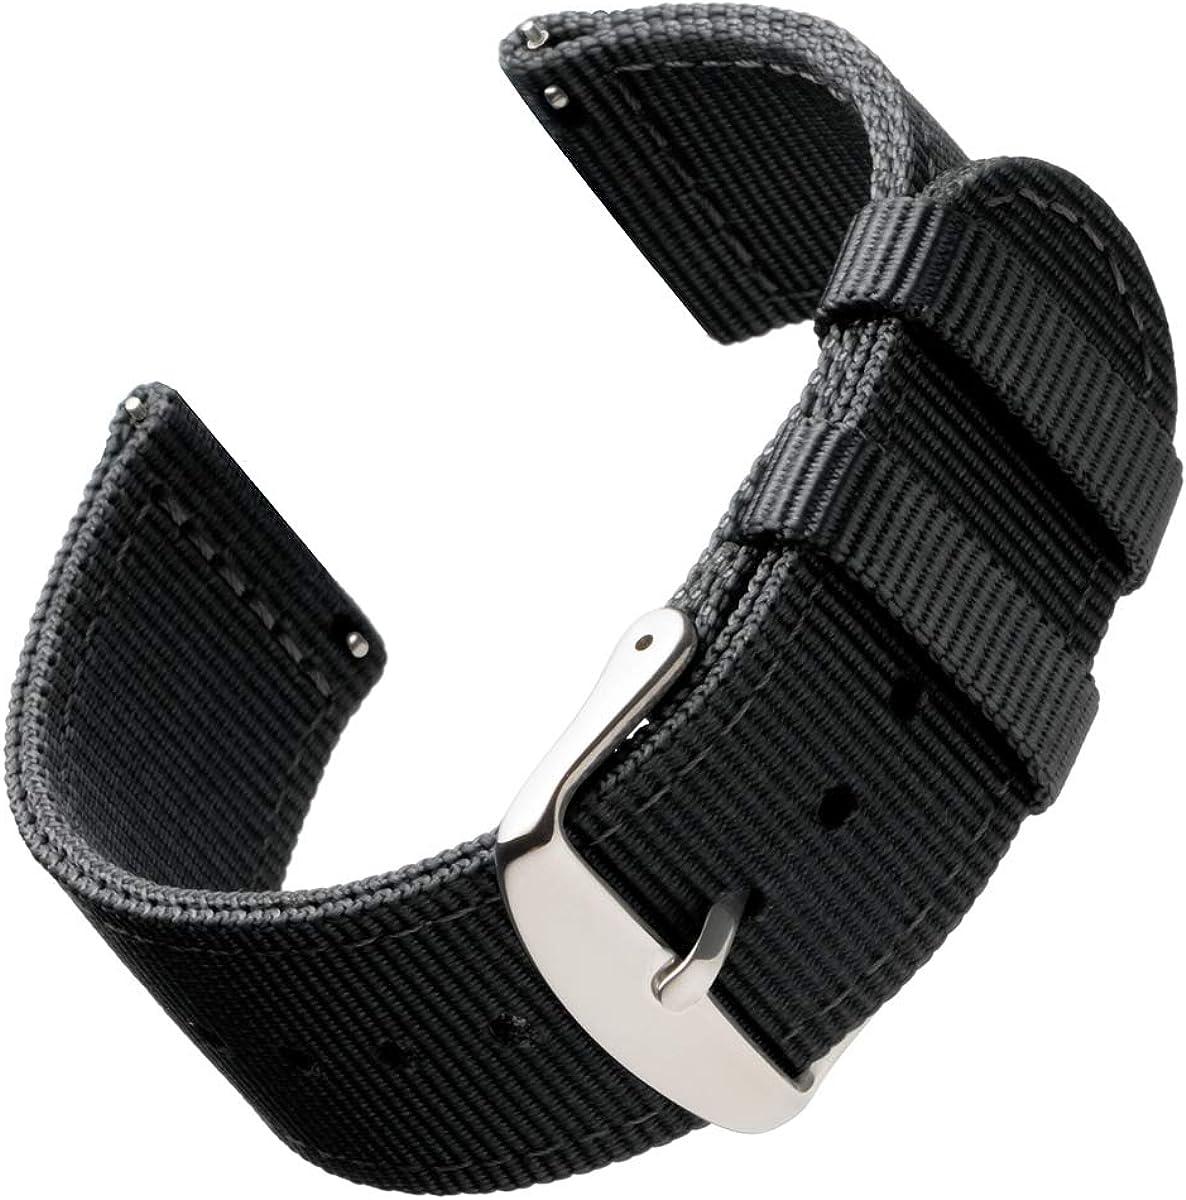 Archer Watch Straps | Repuesto de Correa de Reloj de Nailon para Hombre y Mujer, Correa Fácil de Abrochar para Relojes y Smartwatch, 18mm, 20mm, 22mm